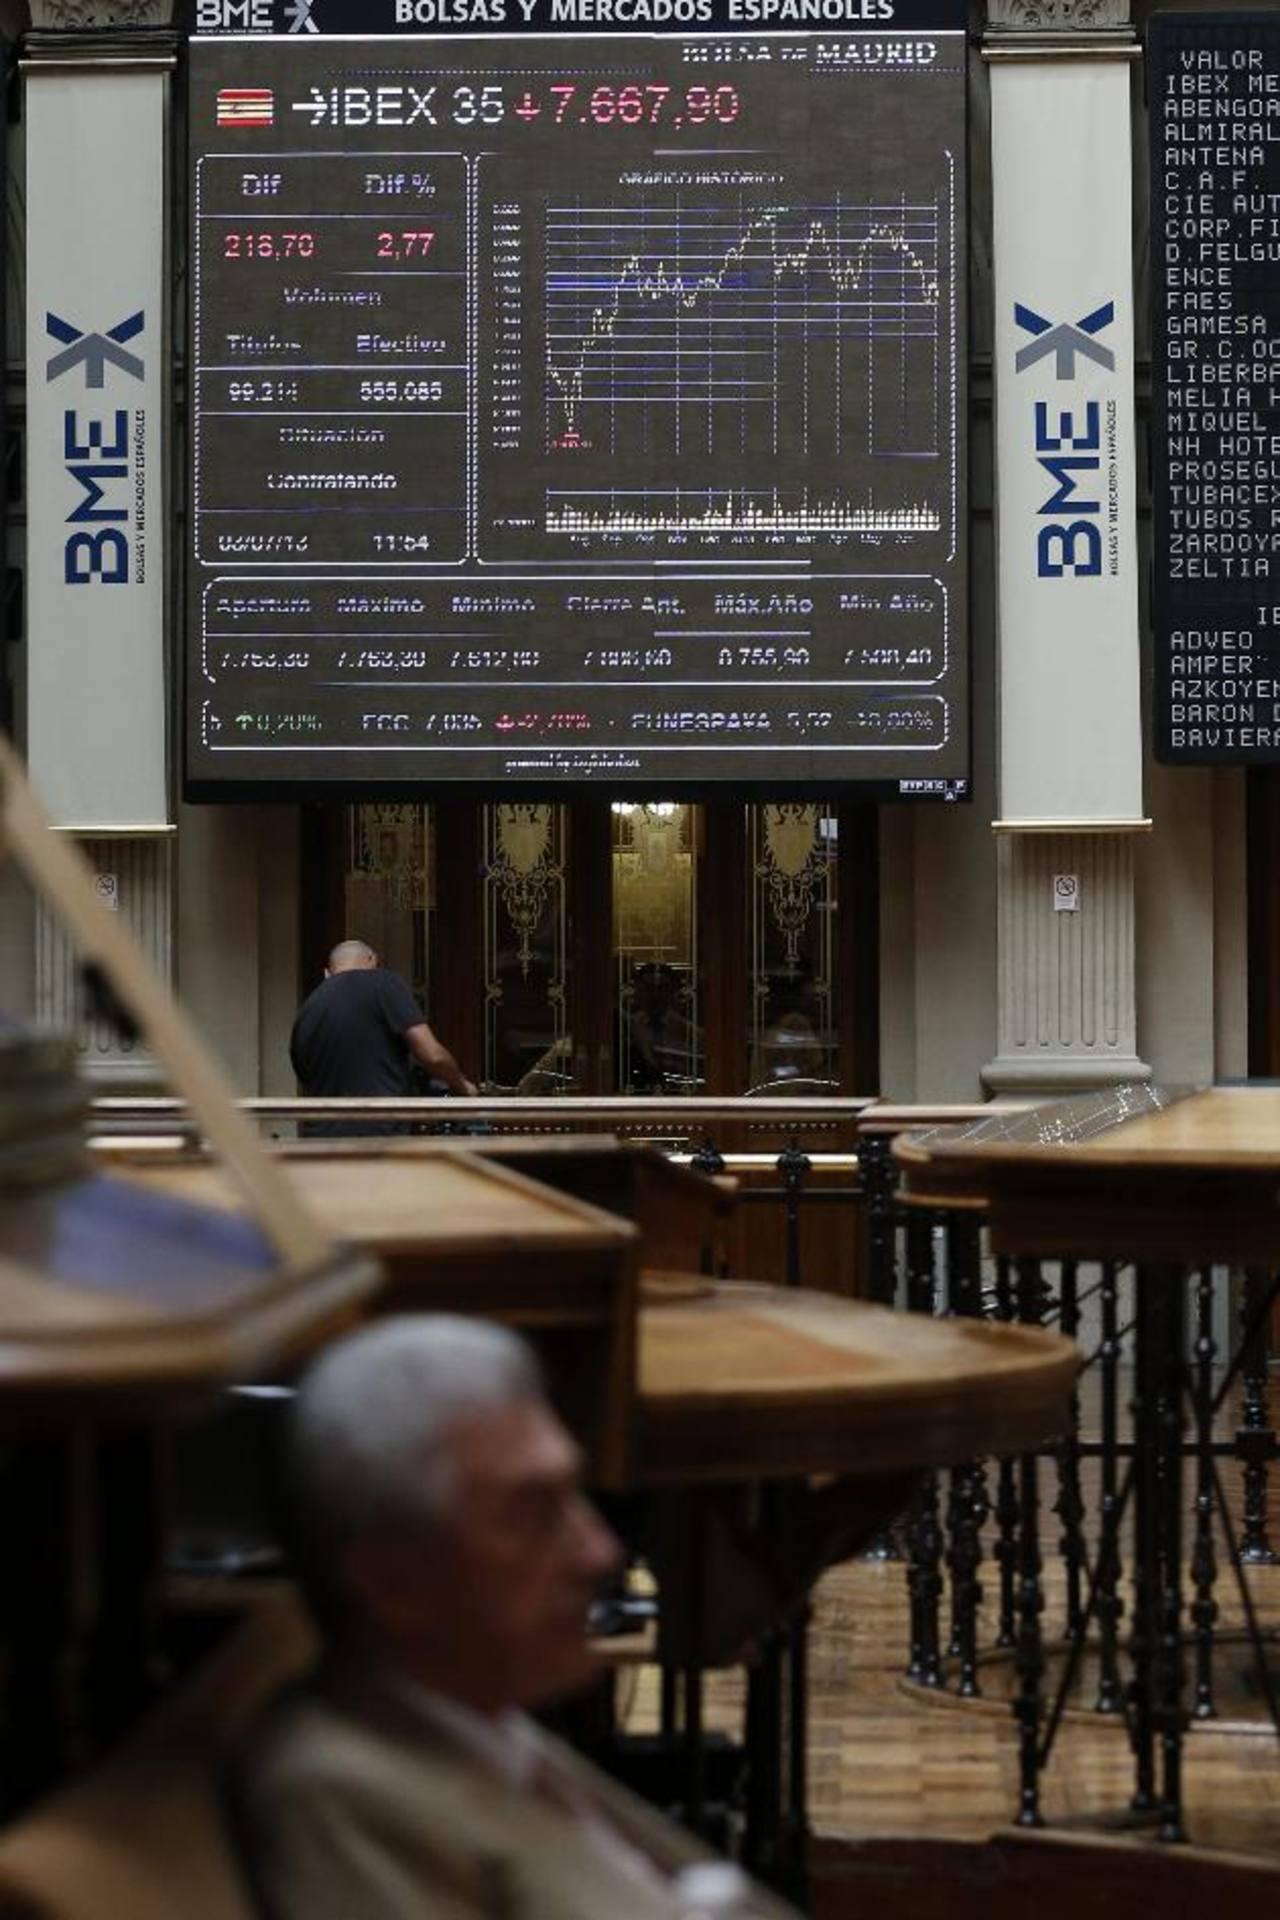 foto: expansión/ ARCHIVO EDHEl índice Ibex descendió 2.78, la mayor caída de los mercados europeos en la jornada de este miércoles, cuando afecta el conflicto en medio oriente y el decrecimiento de China.